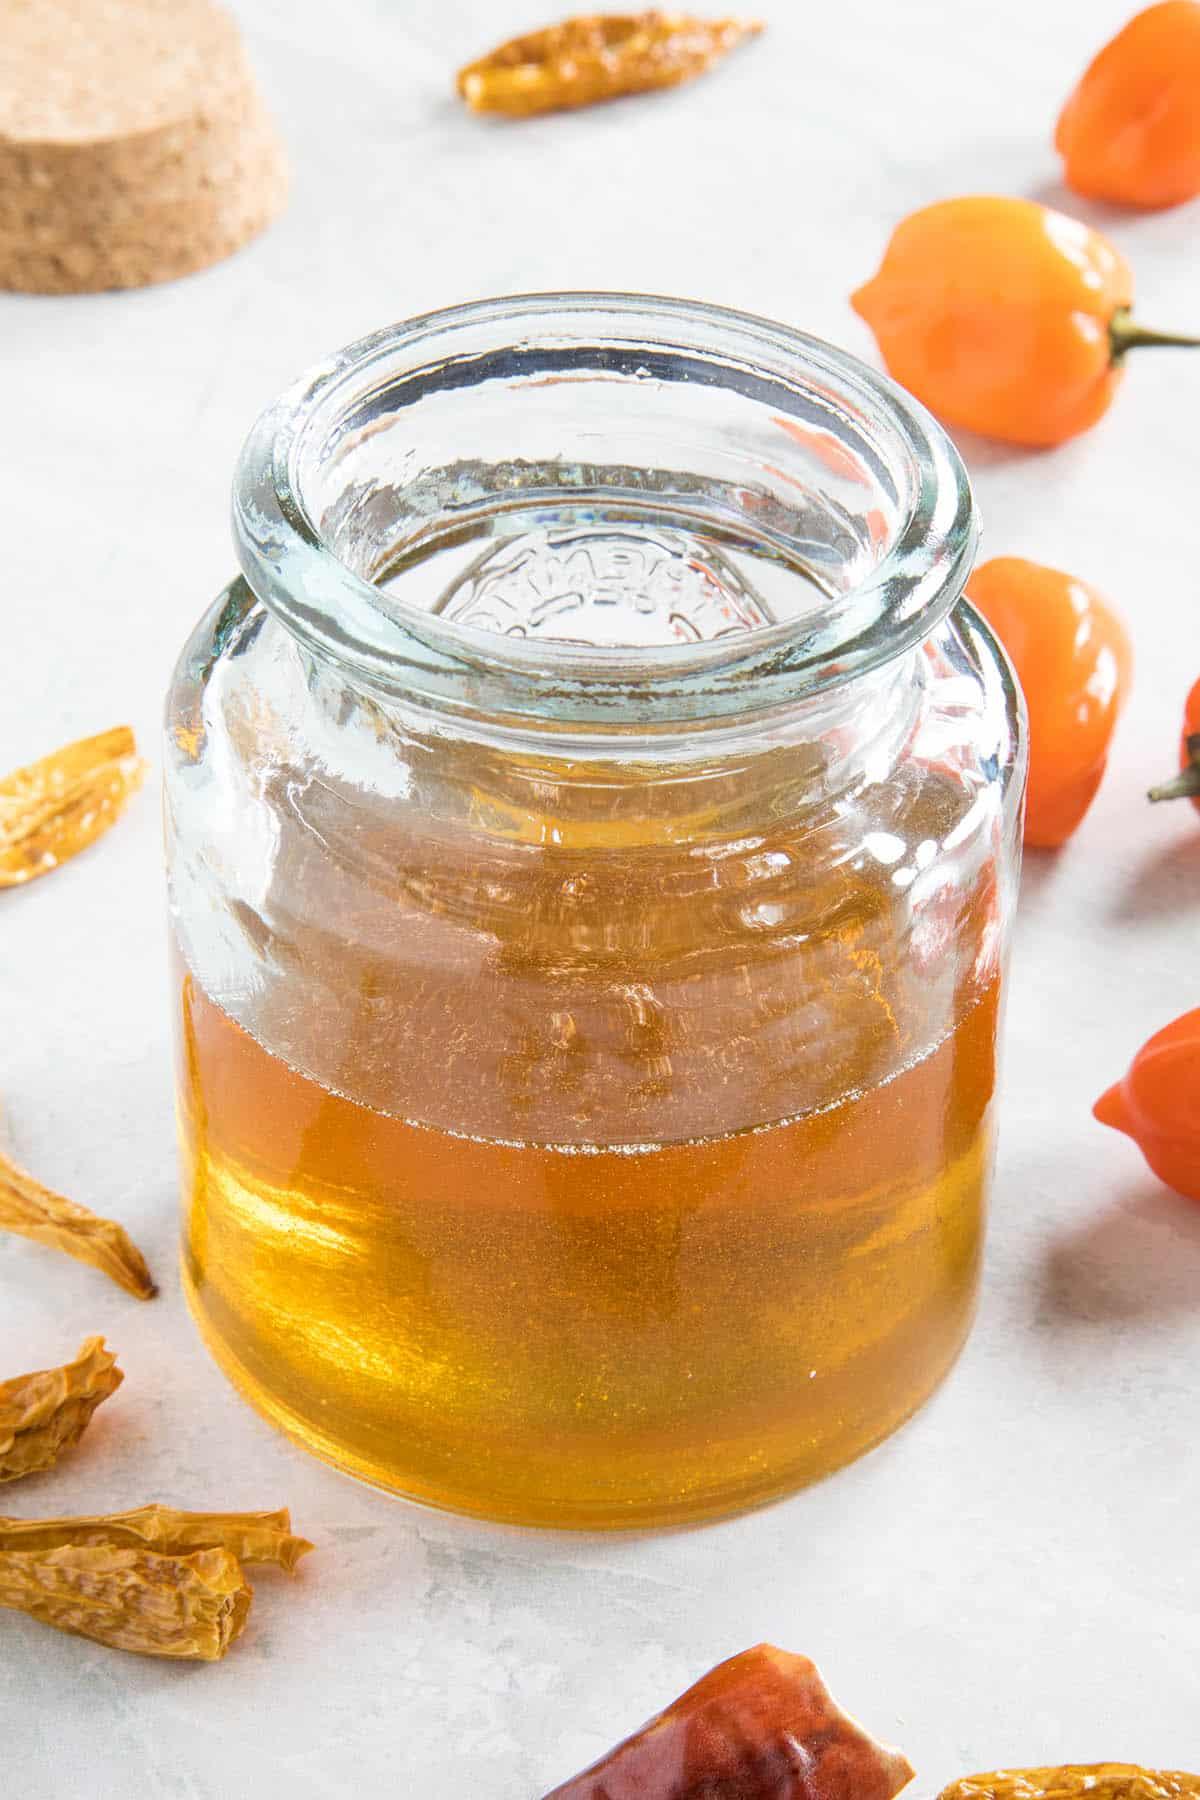 Hot Honey in a jar, ready to enjoy